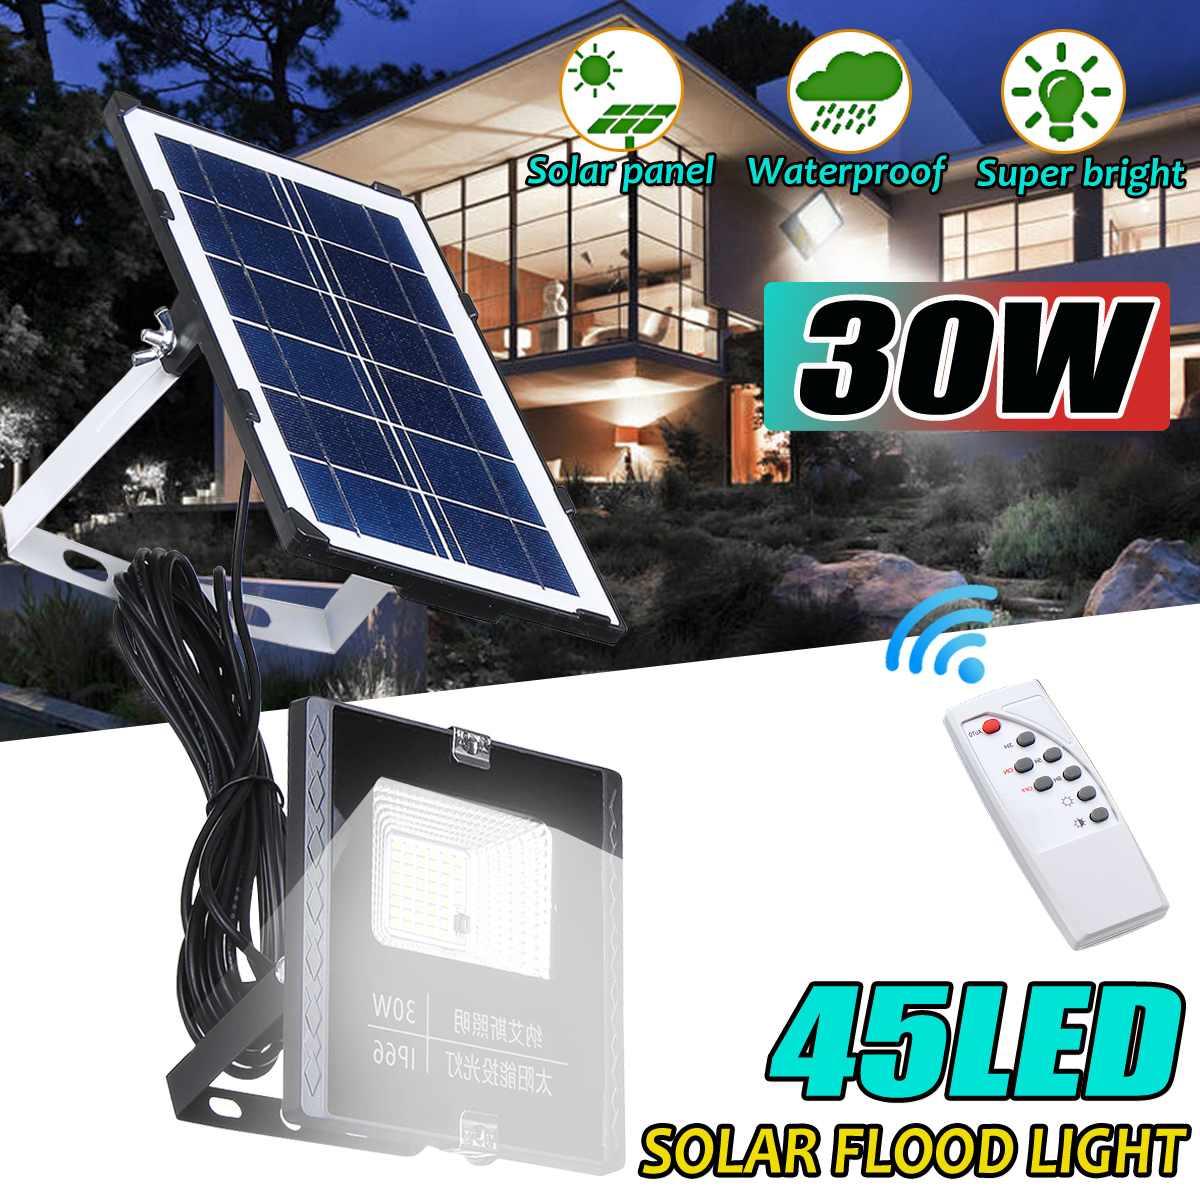 30 ワットソーラー投光器 45 Led ポータブルスポットライトフラッドライト屋外街路ガーデンライト防水壁ランプとリモコン